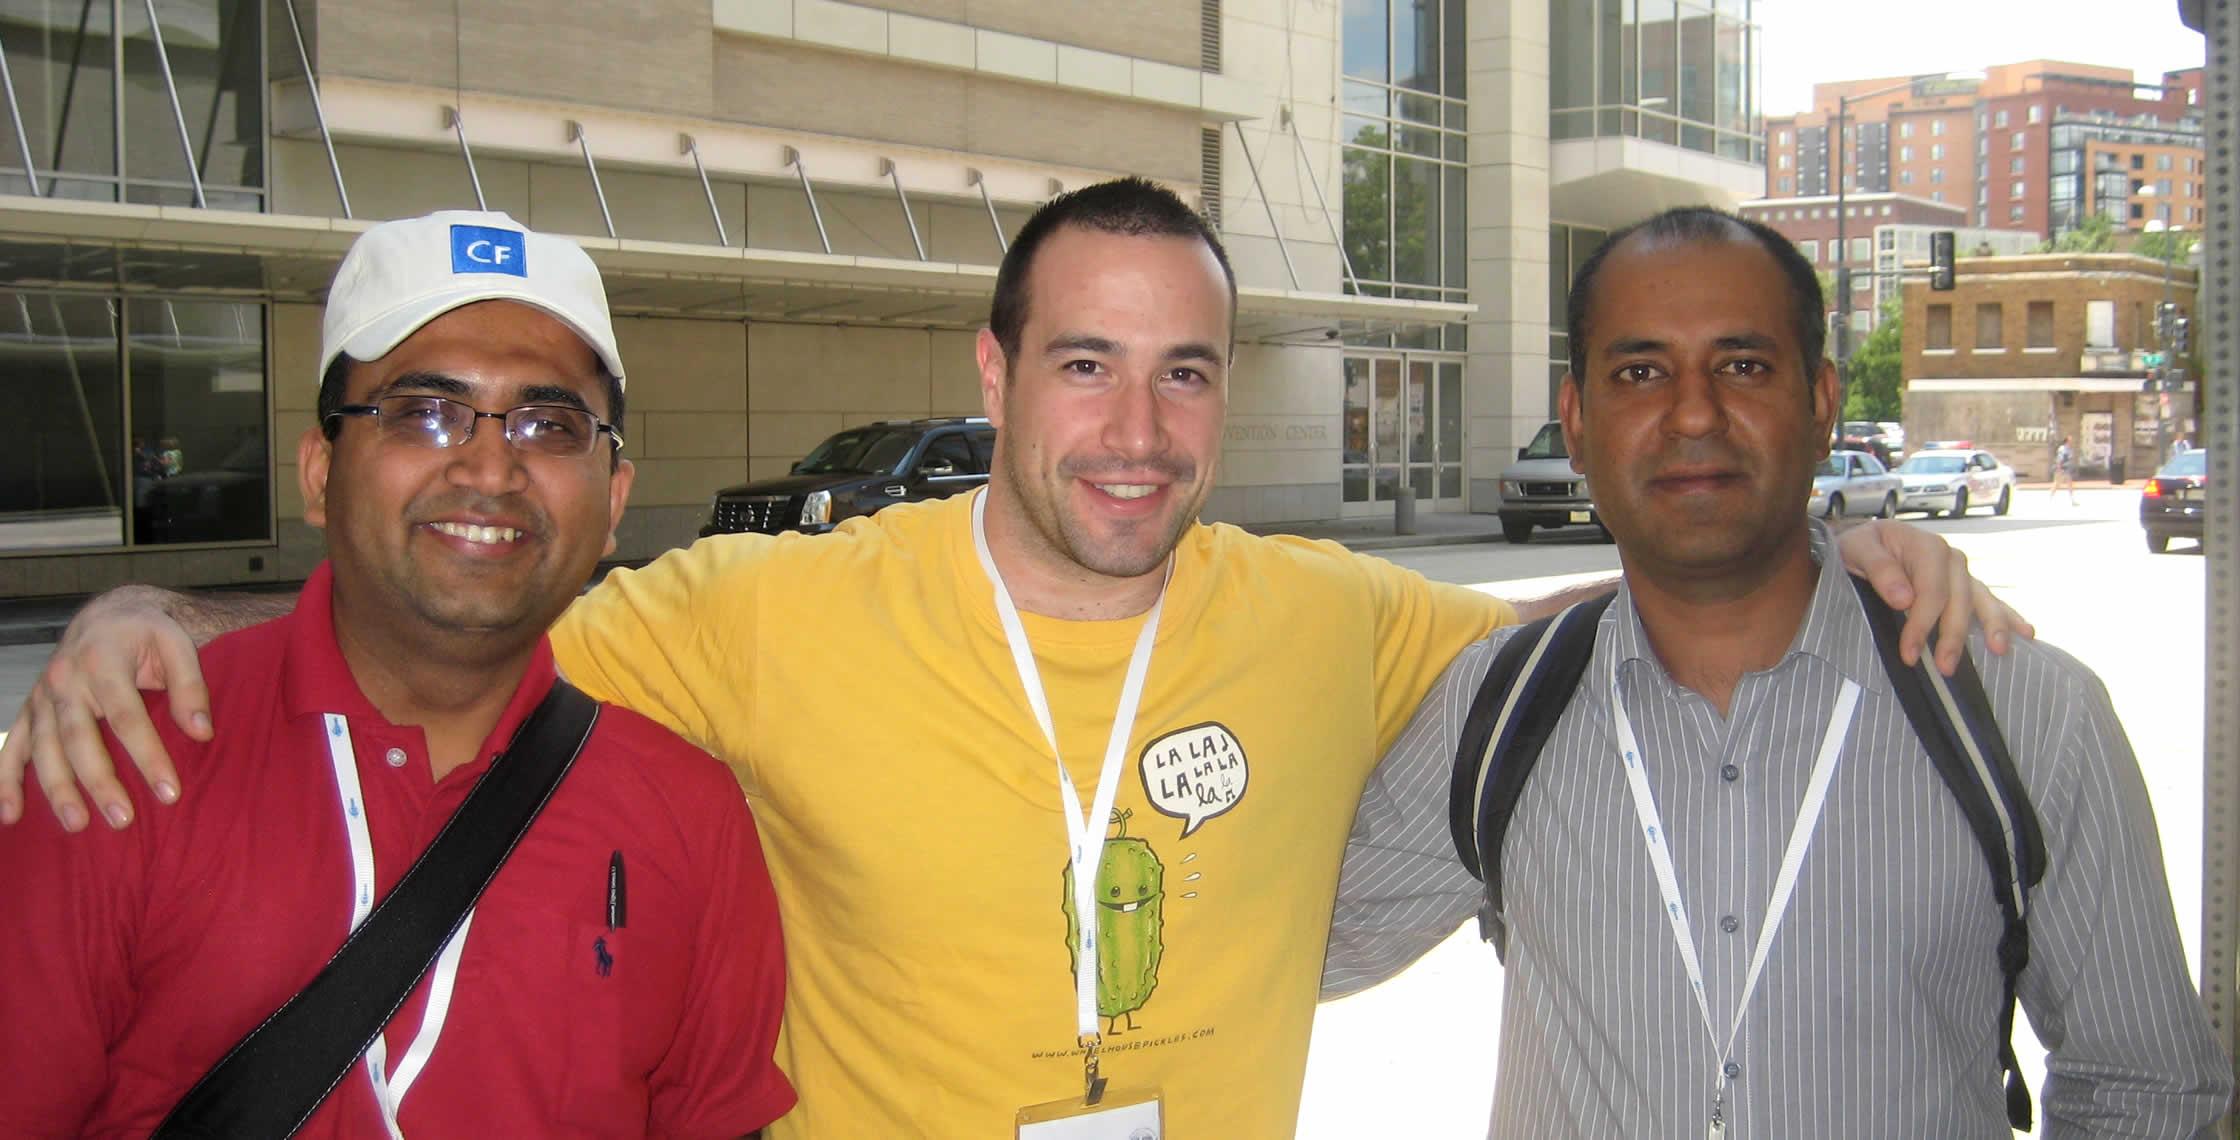 Ben Nadel at CFUNITED 2008 (Washington, D.C.) with: Qasim Rasheed and Sana Ullah